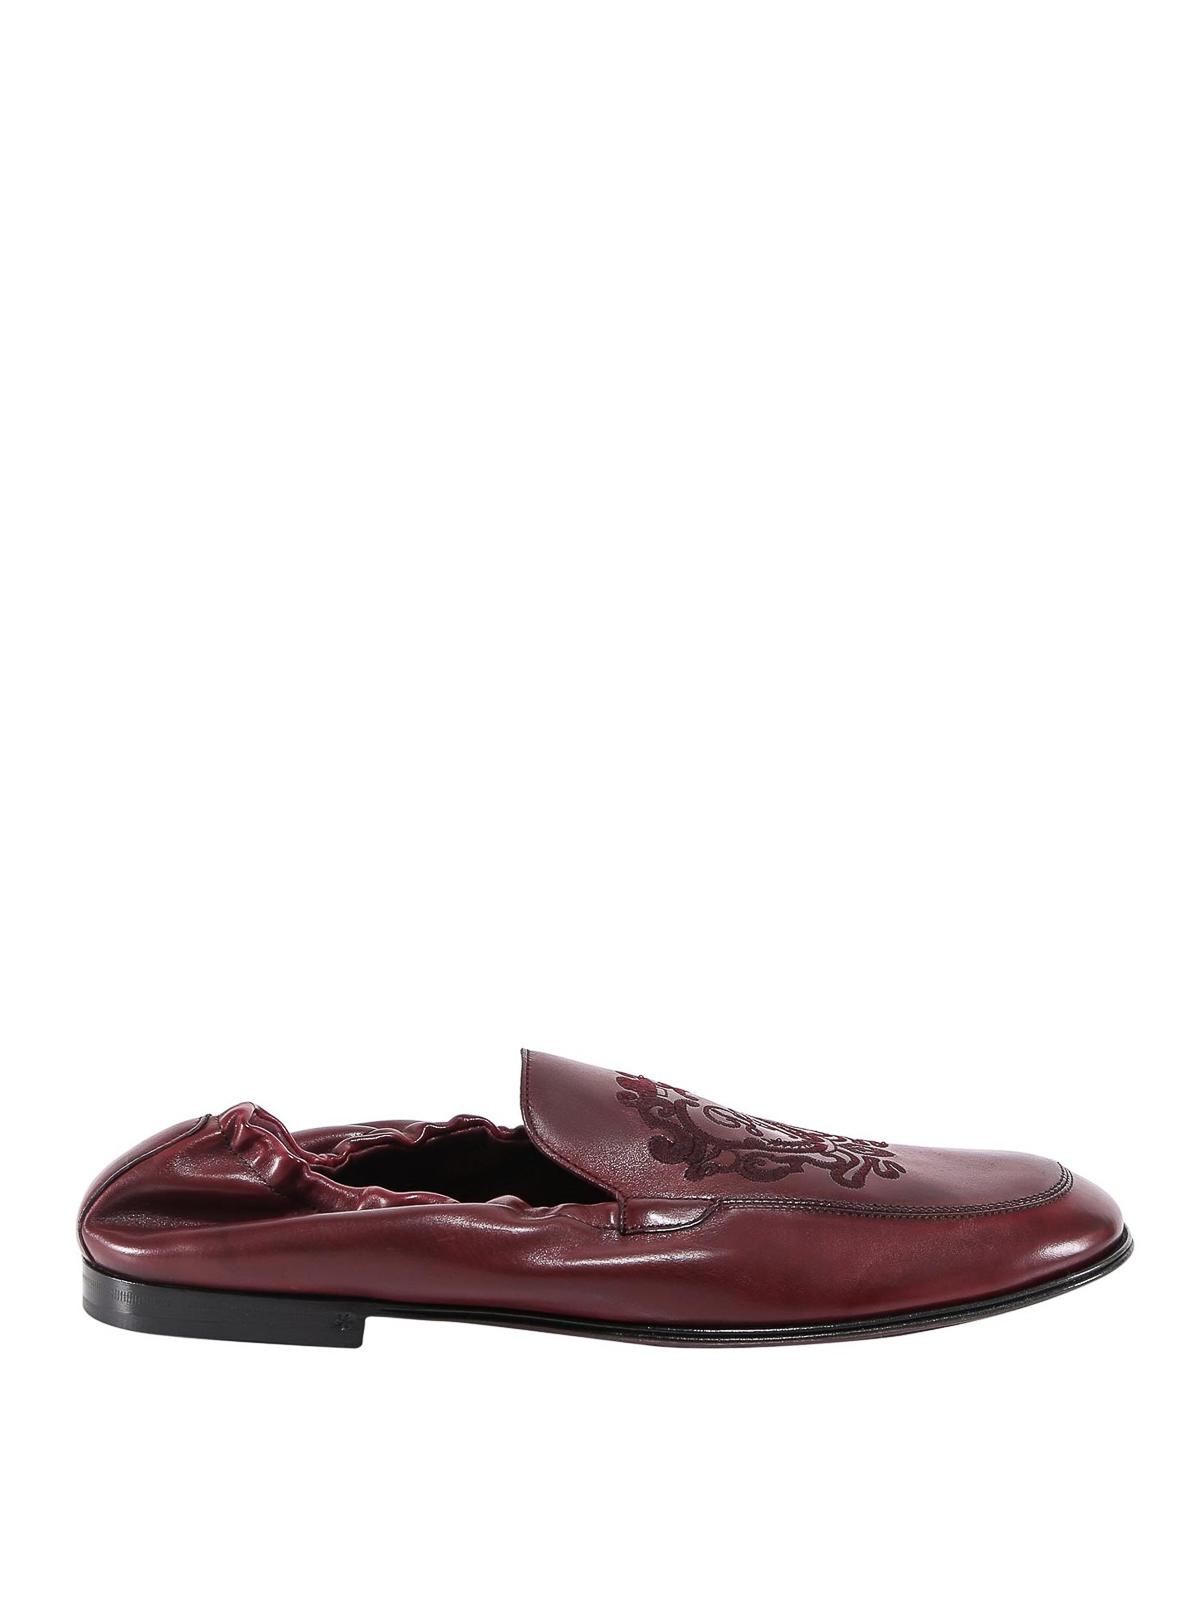 Dolce & Gabbana CALFSKIN LOAFERS